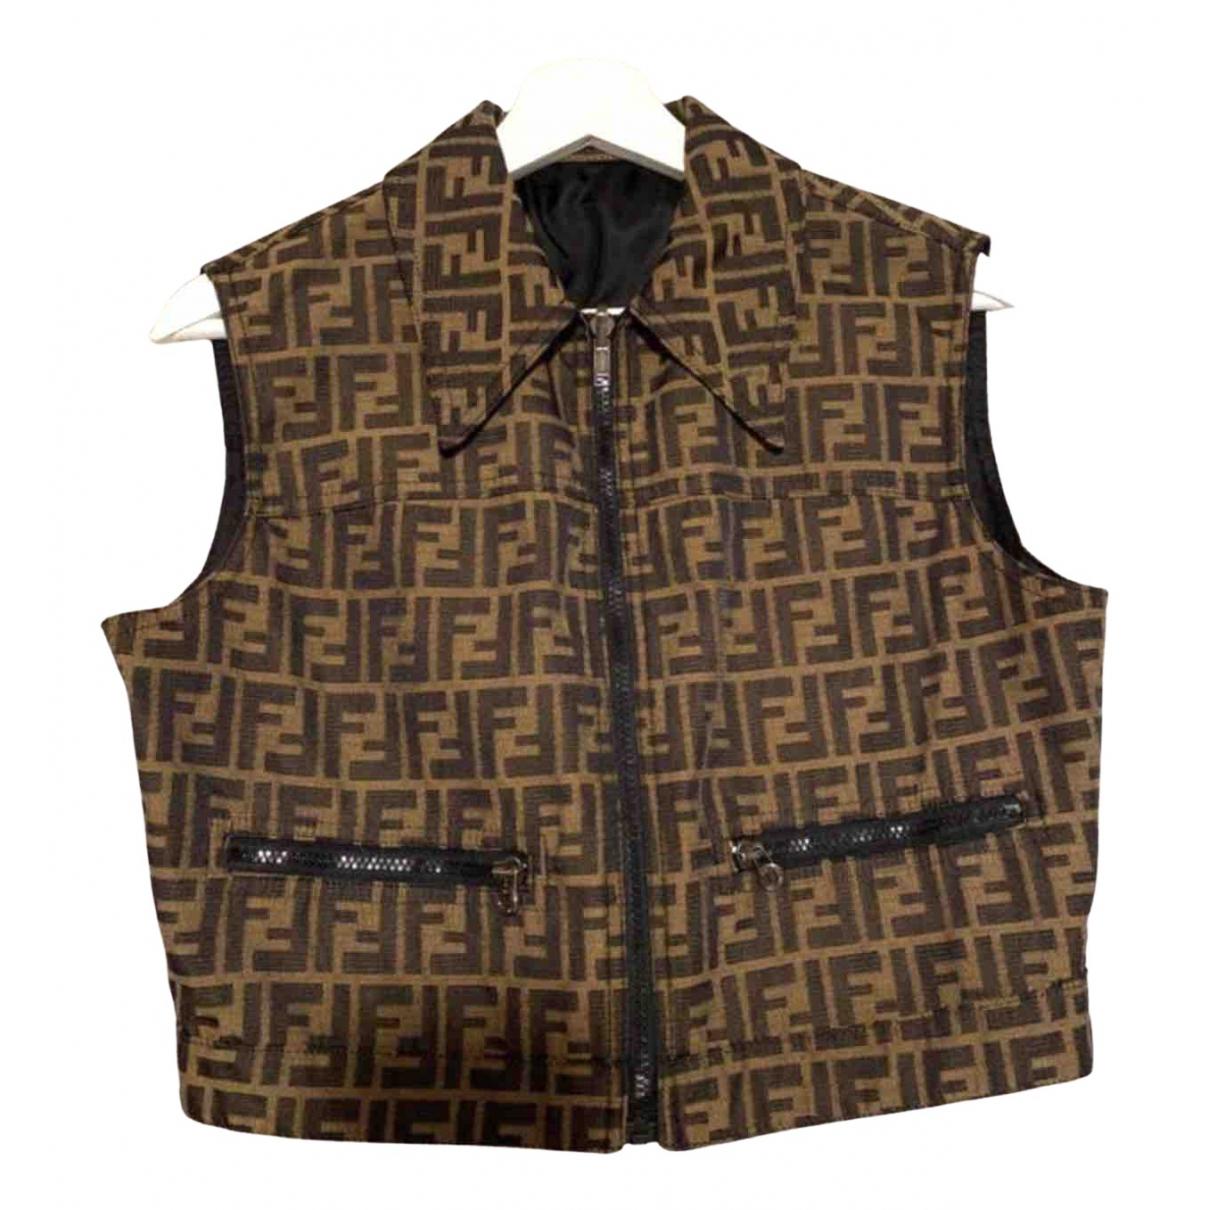 Fendi \N Multicolour jacket for Women S International